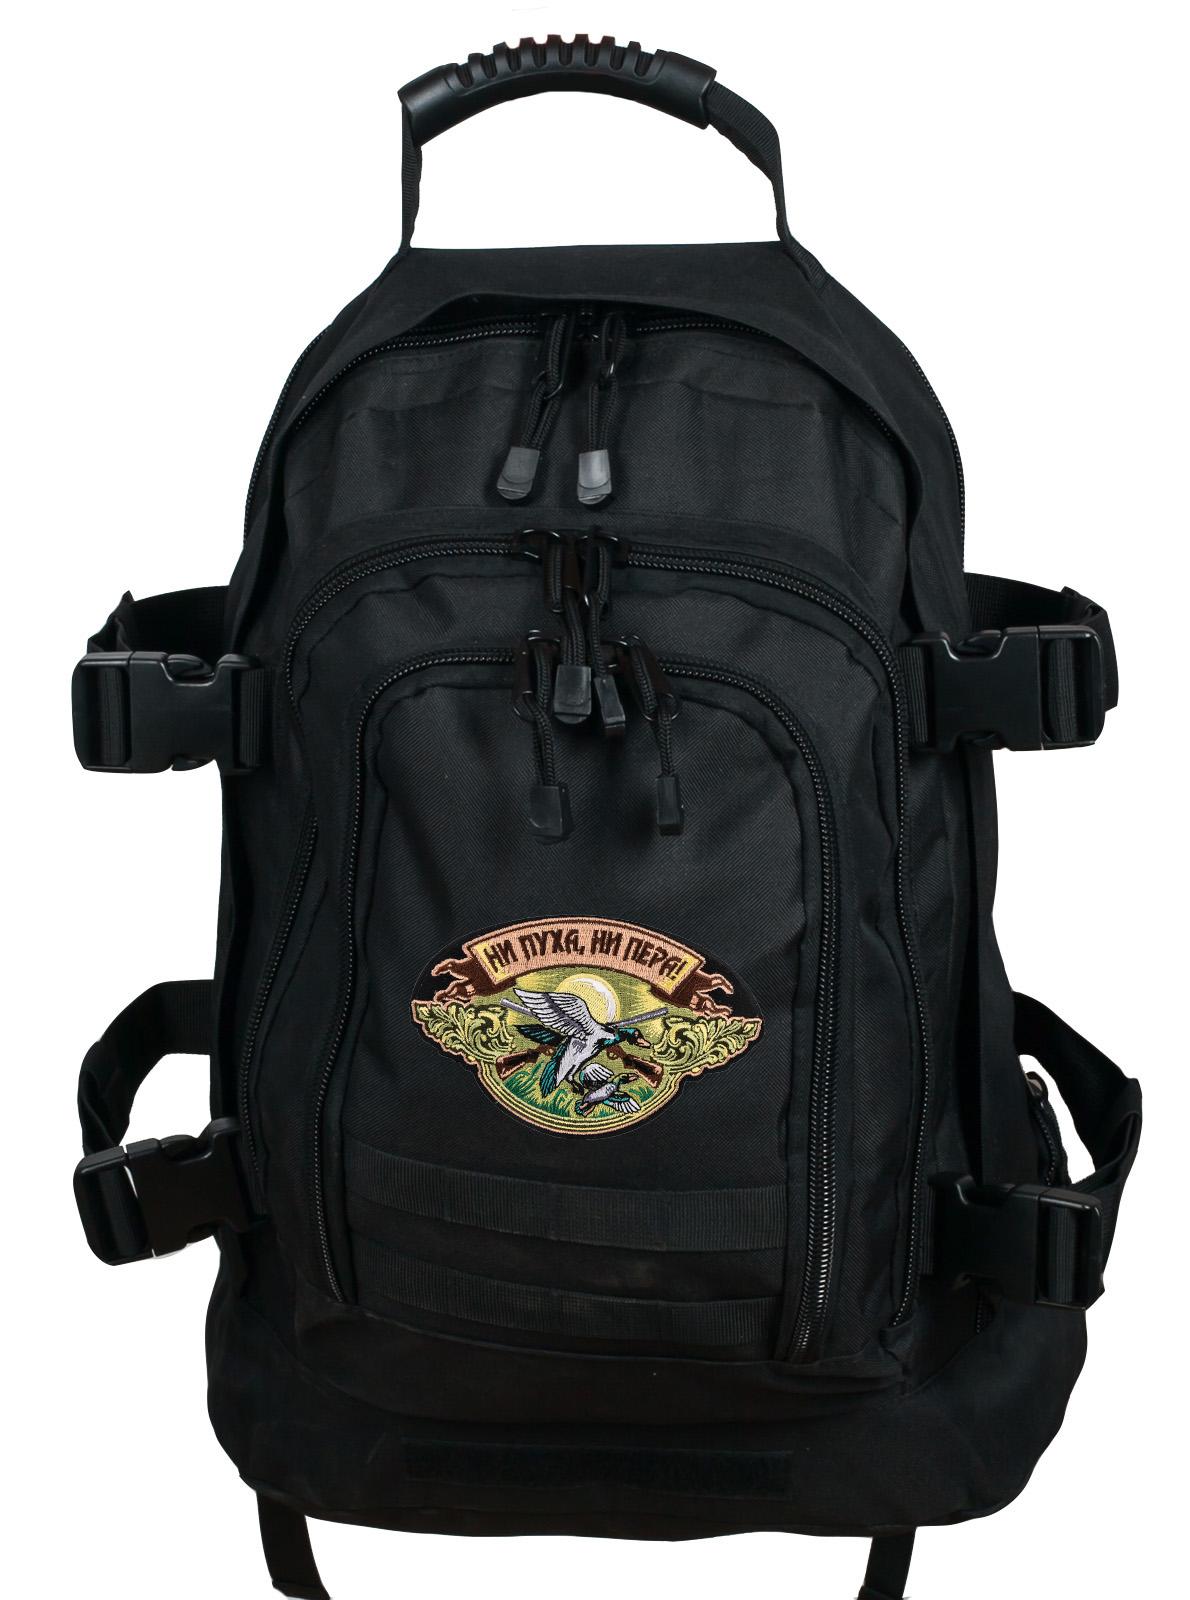 Универсальный охотничий рюкзак с нашивкой Ни Пуха ни Пера - купить в подарок